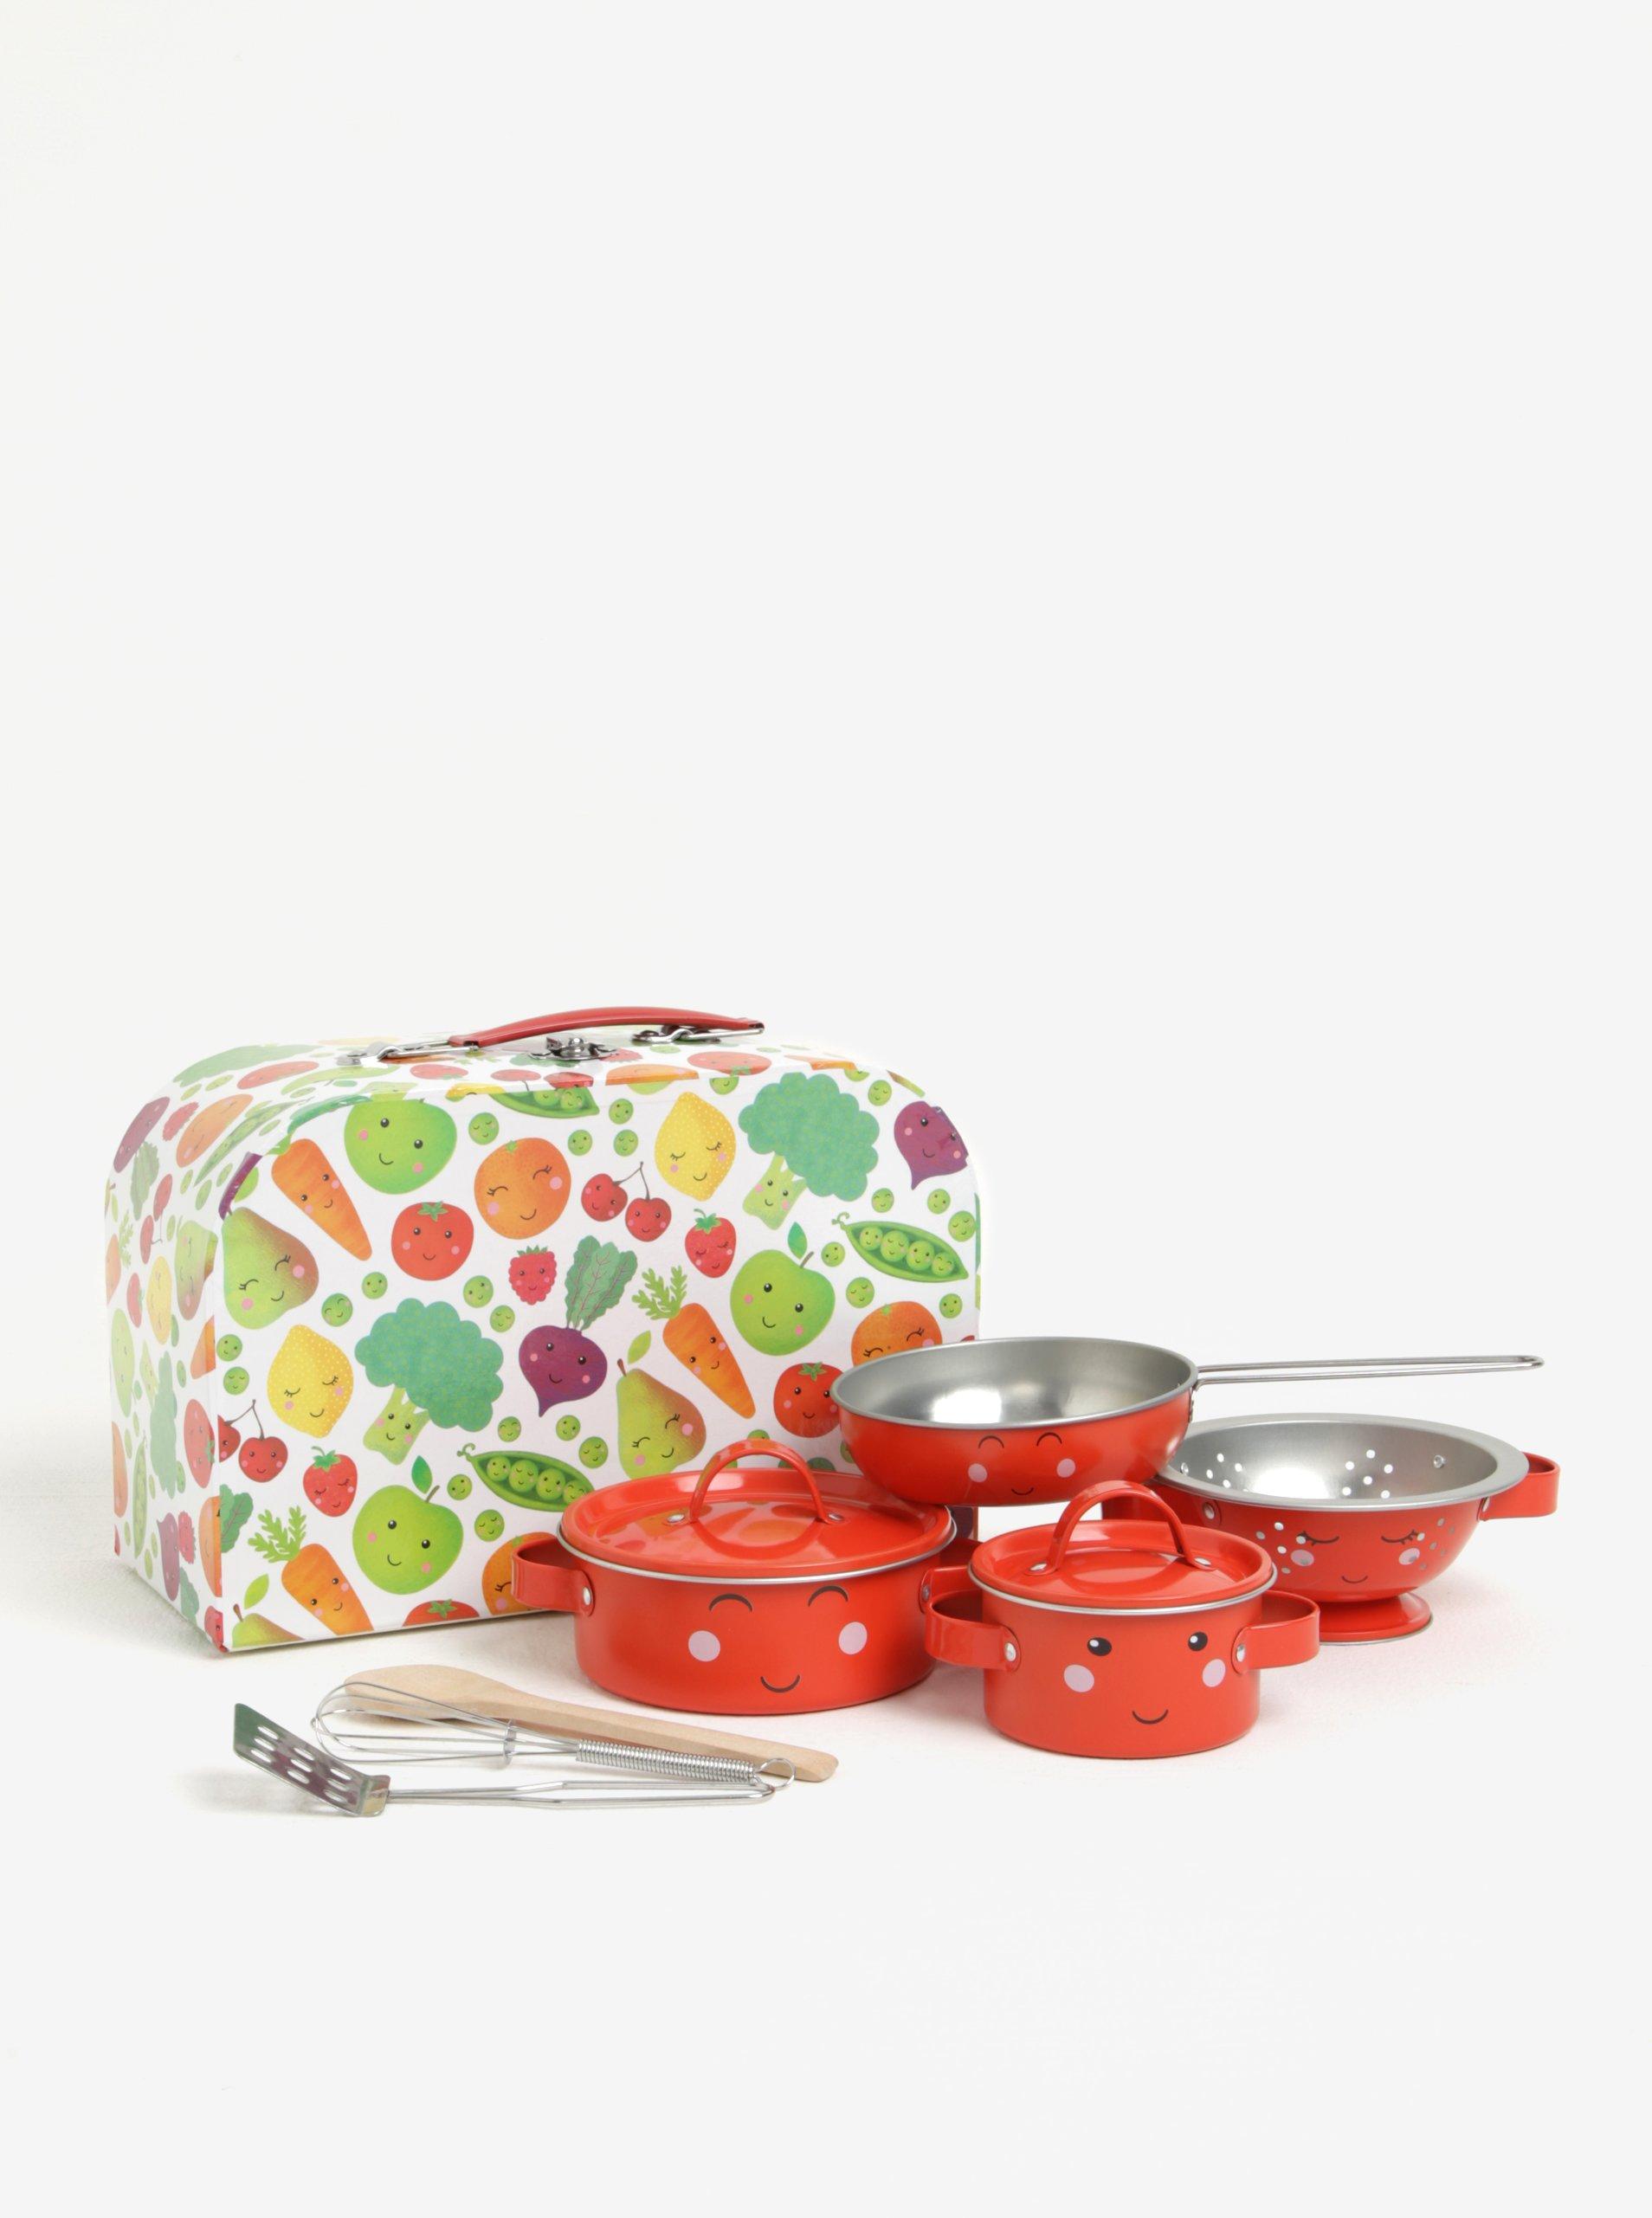 Dětský kuchyňský set v oranžovo-zelené barvě s motivem ovoce a zeleniny Sass & Belle Happy Fruit & Veg